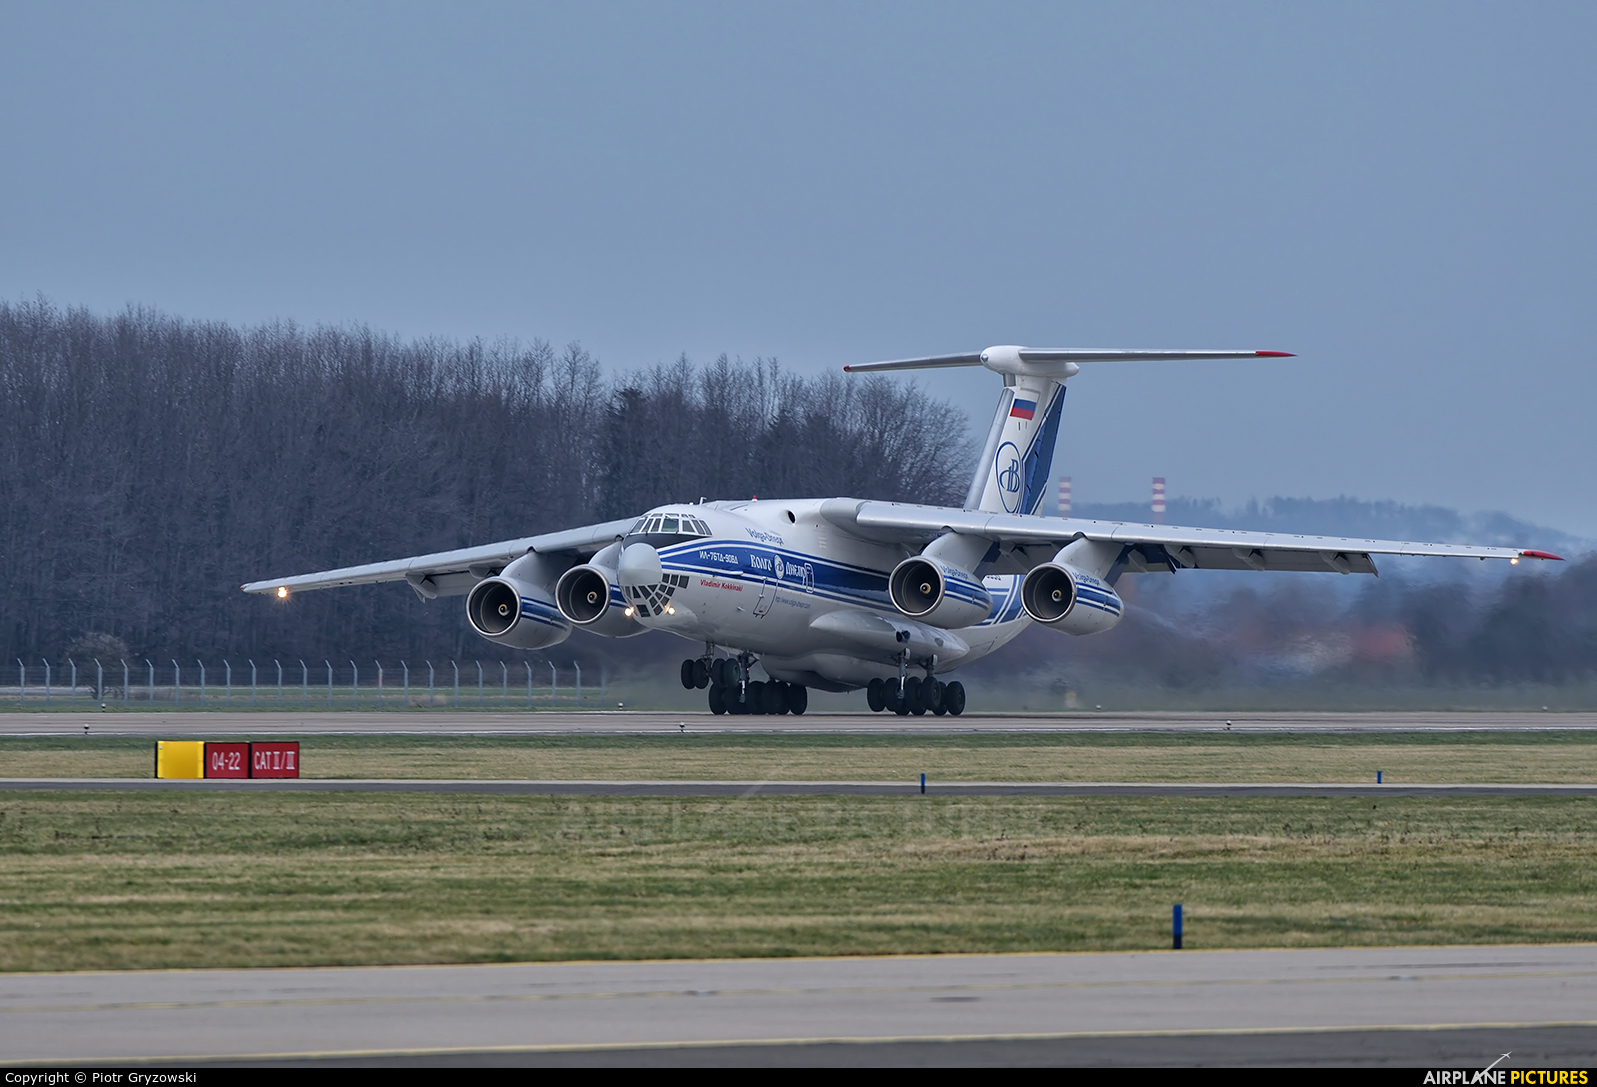 Volga Dnepr Airlines RA-76950 aircraft at Ostrava Mošnov